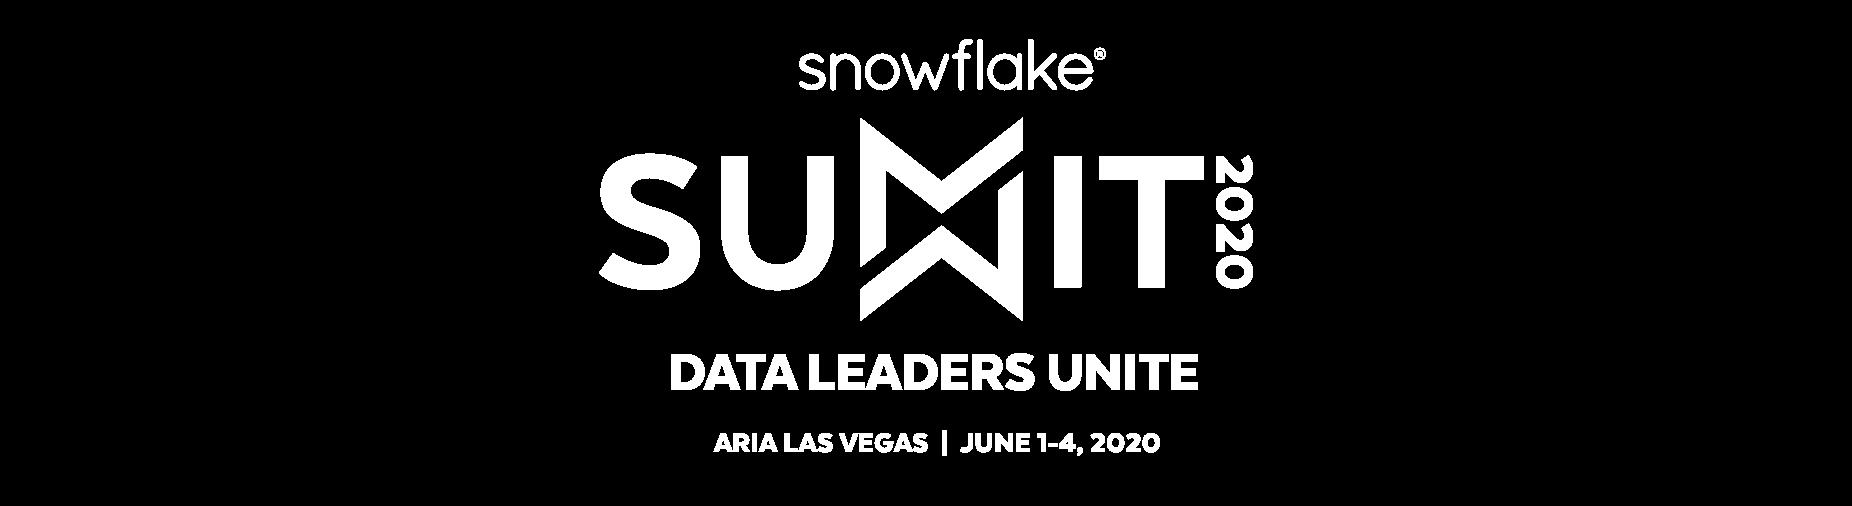 Snowflake Summit 2020